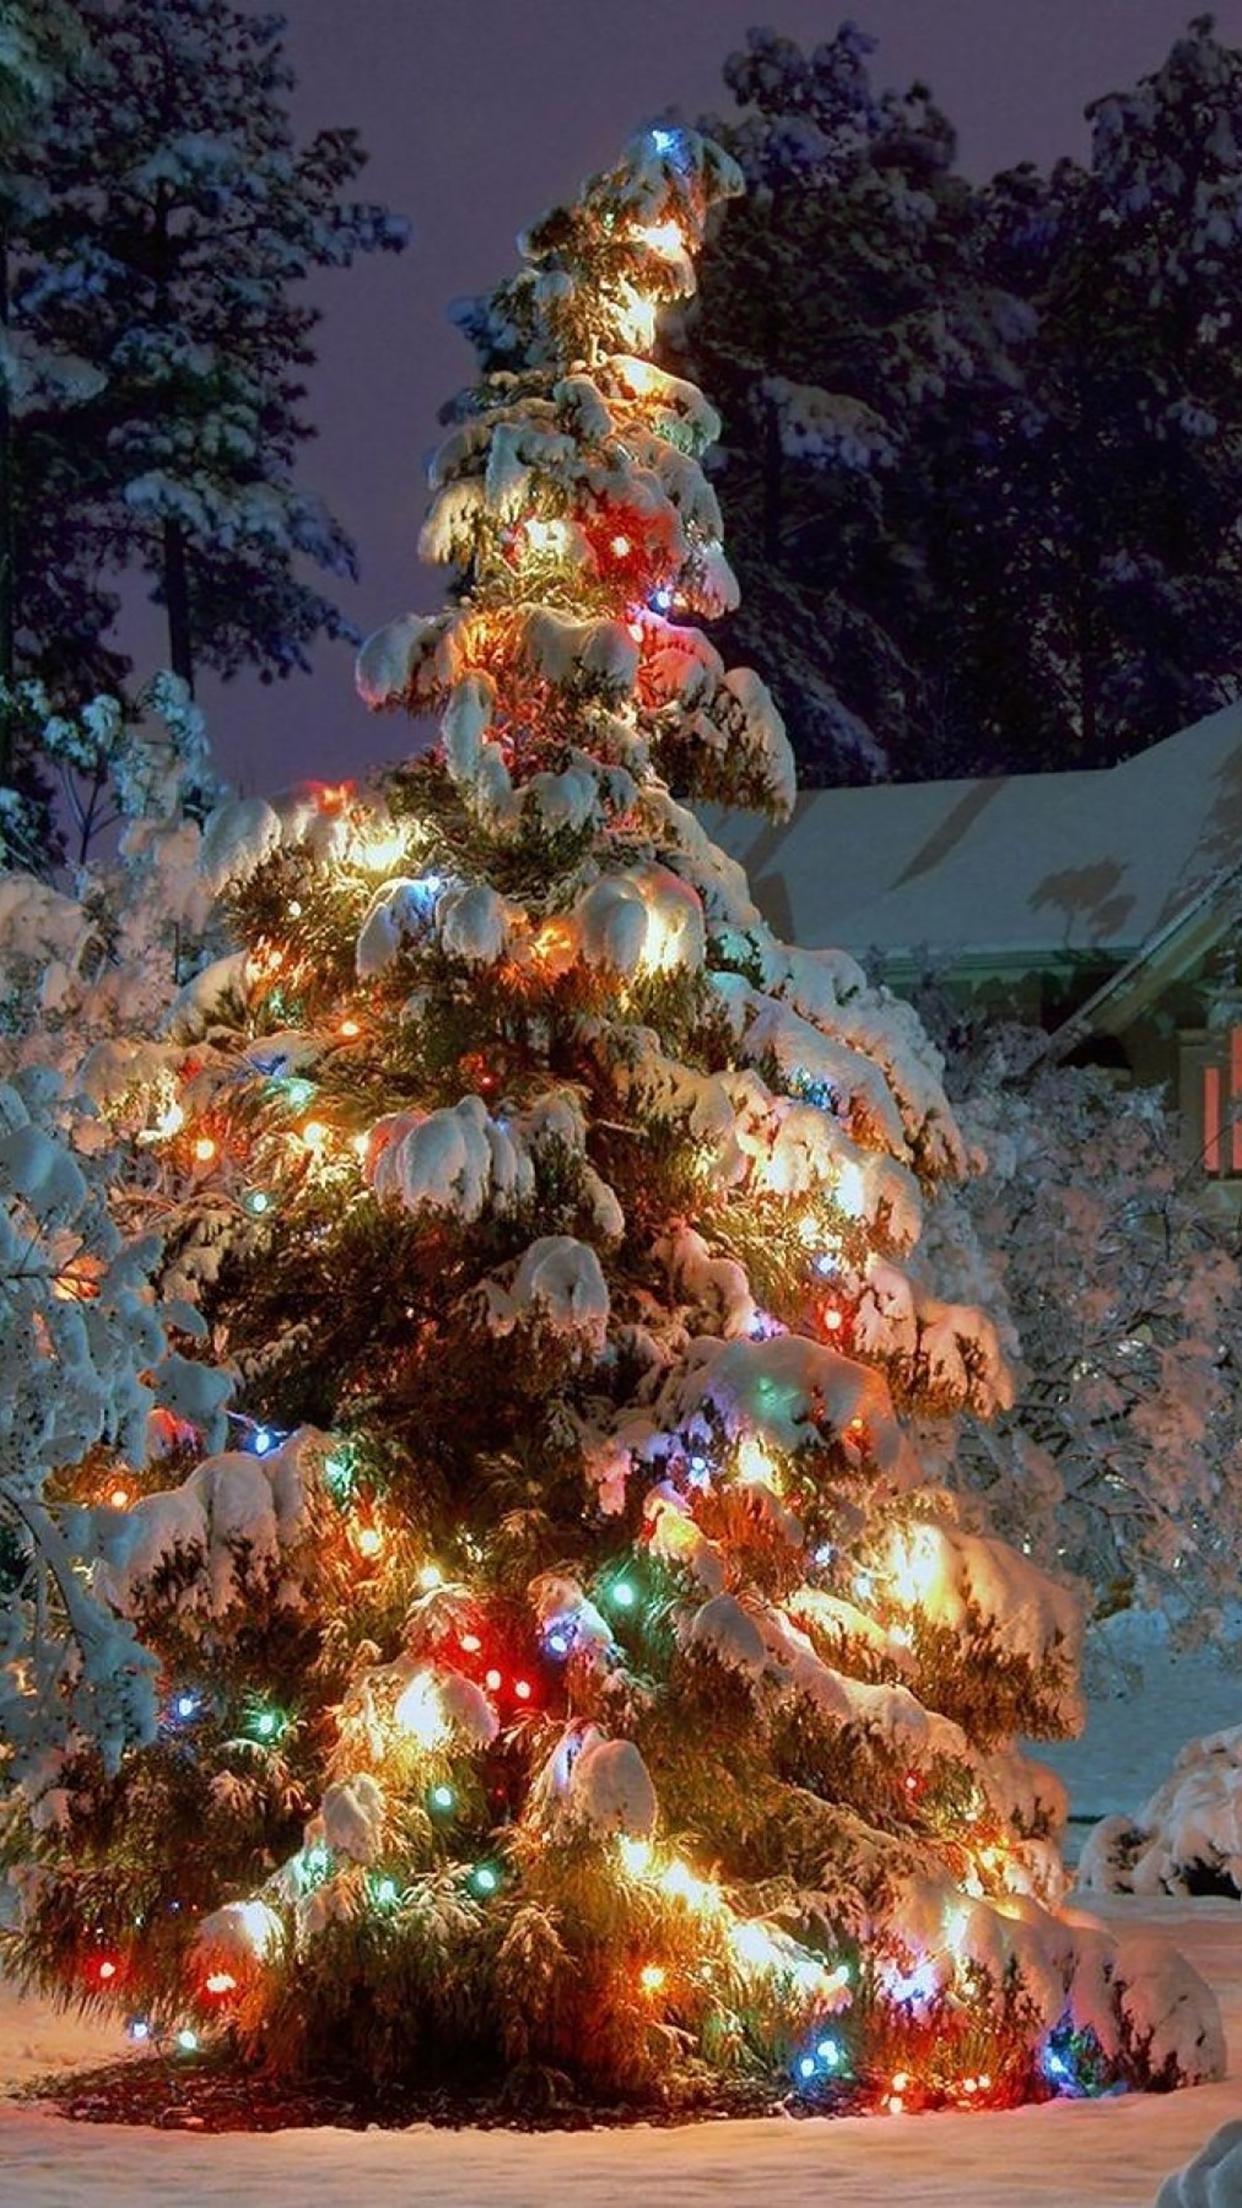 Christmas Sapin Sous la Neige 3Wallpapers iPhone Parallax 3Wallpapers : notre sélection de fonds décran du 13/12/2016